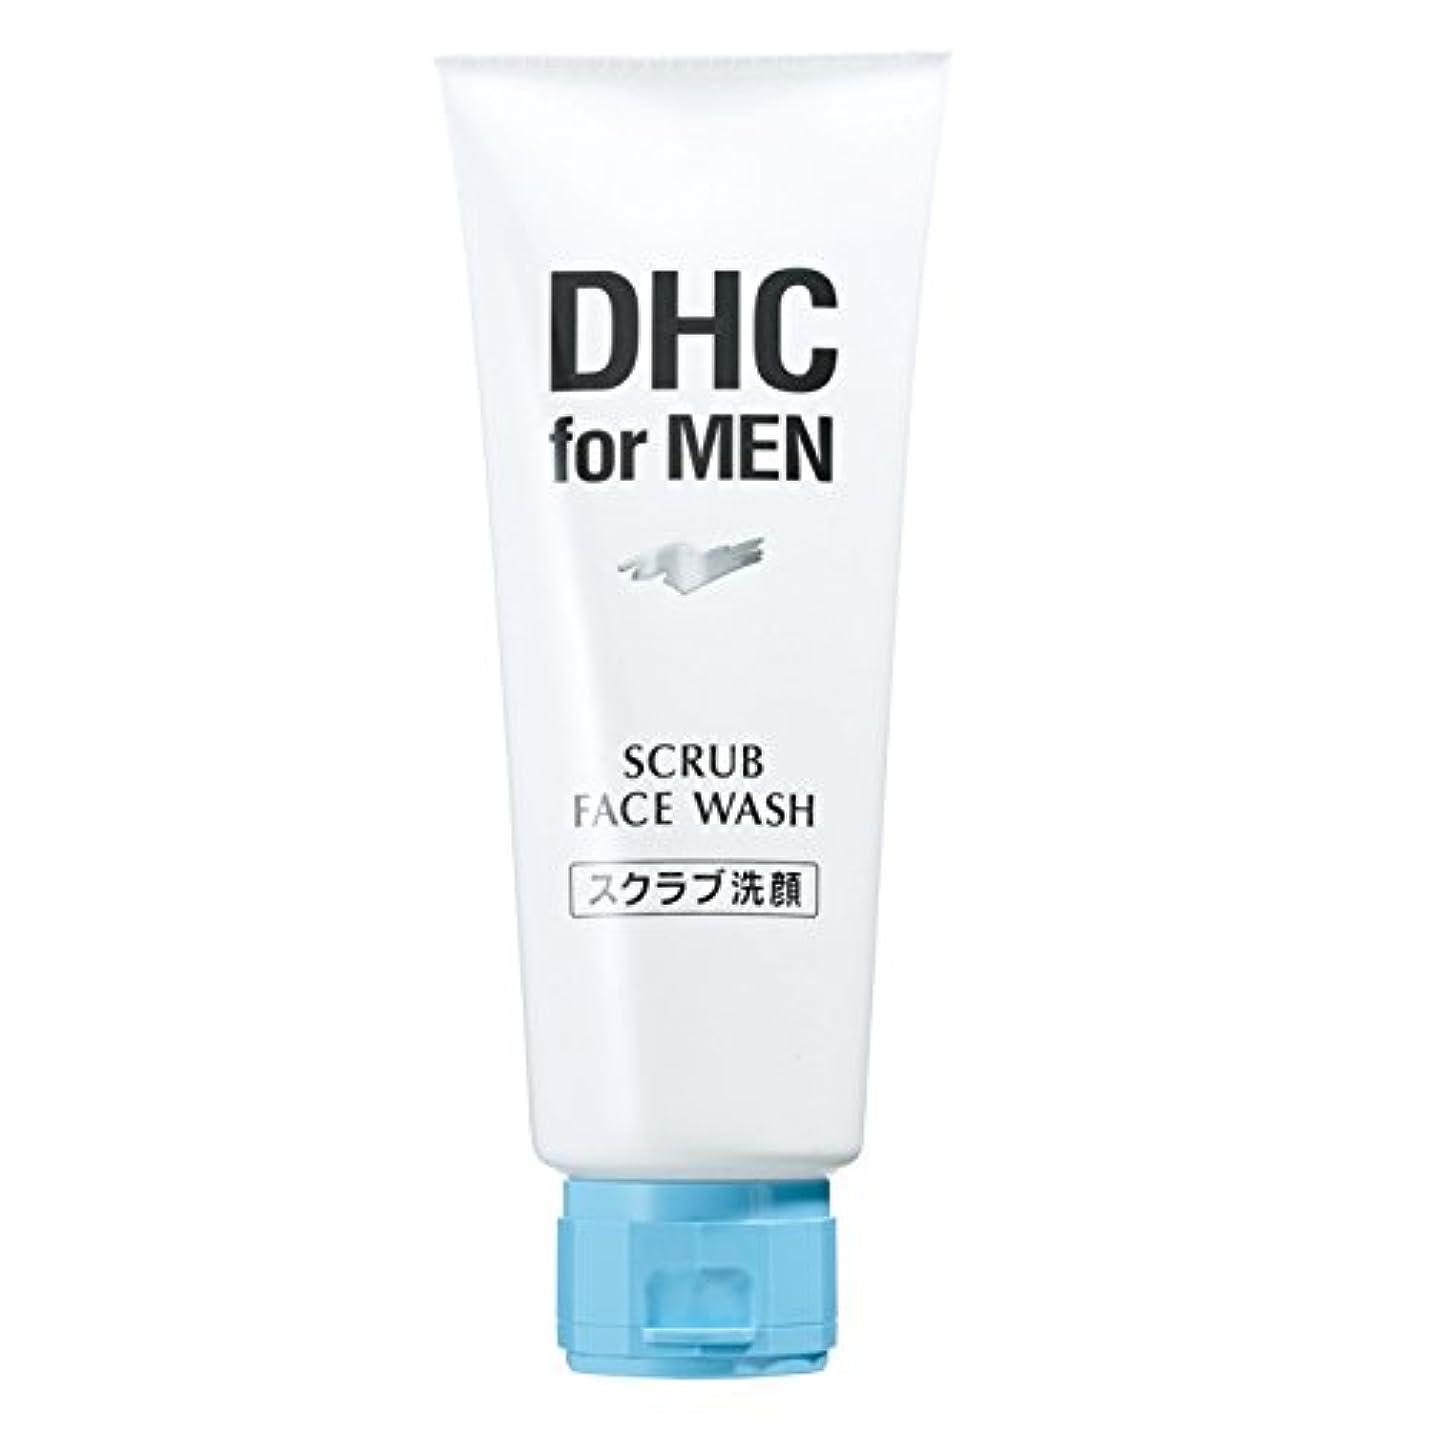 平凡捕虜慰めDHC スクラブ フェース ウォッシュ 【DHC for MEN】